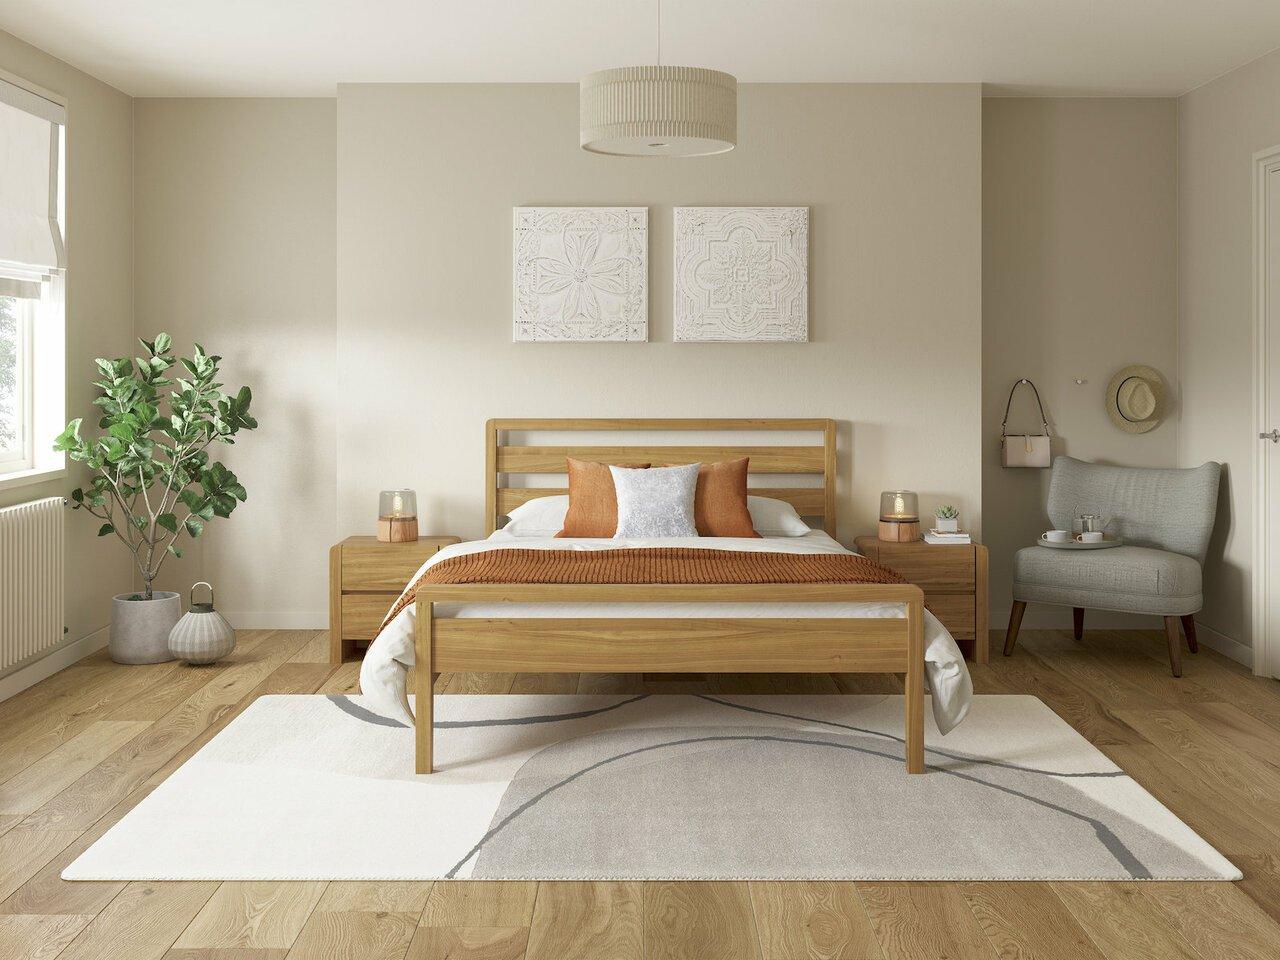 mẫu giường gỗ 1m8 2m